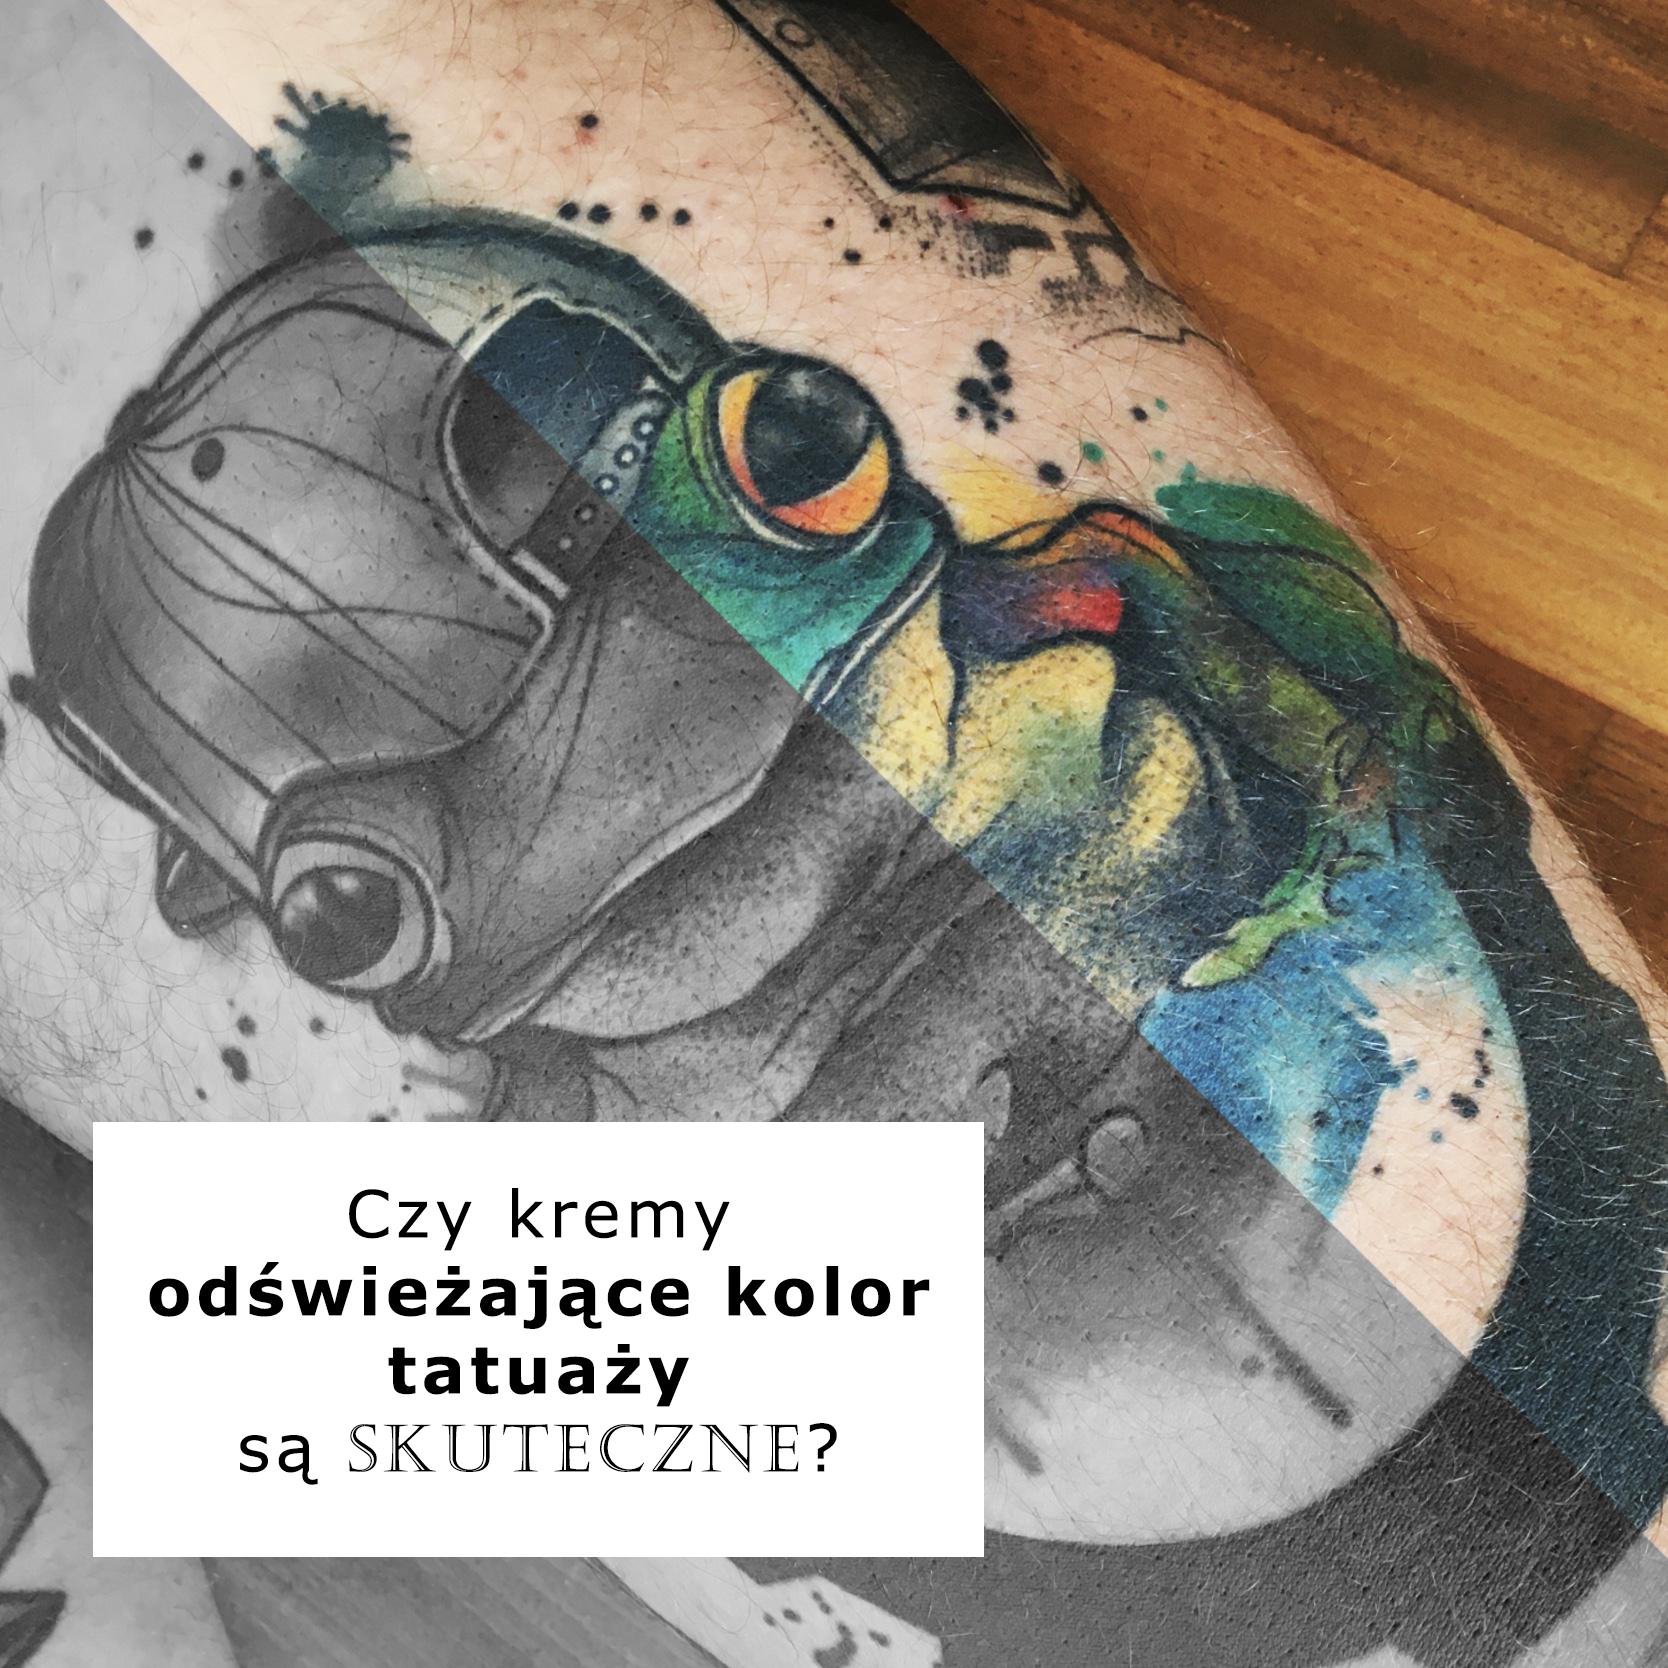 Kremy odświeżające tatuaż czy są skuteczne